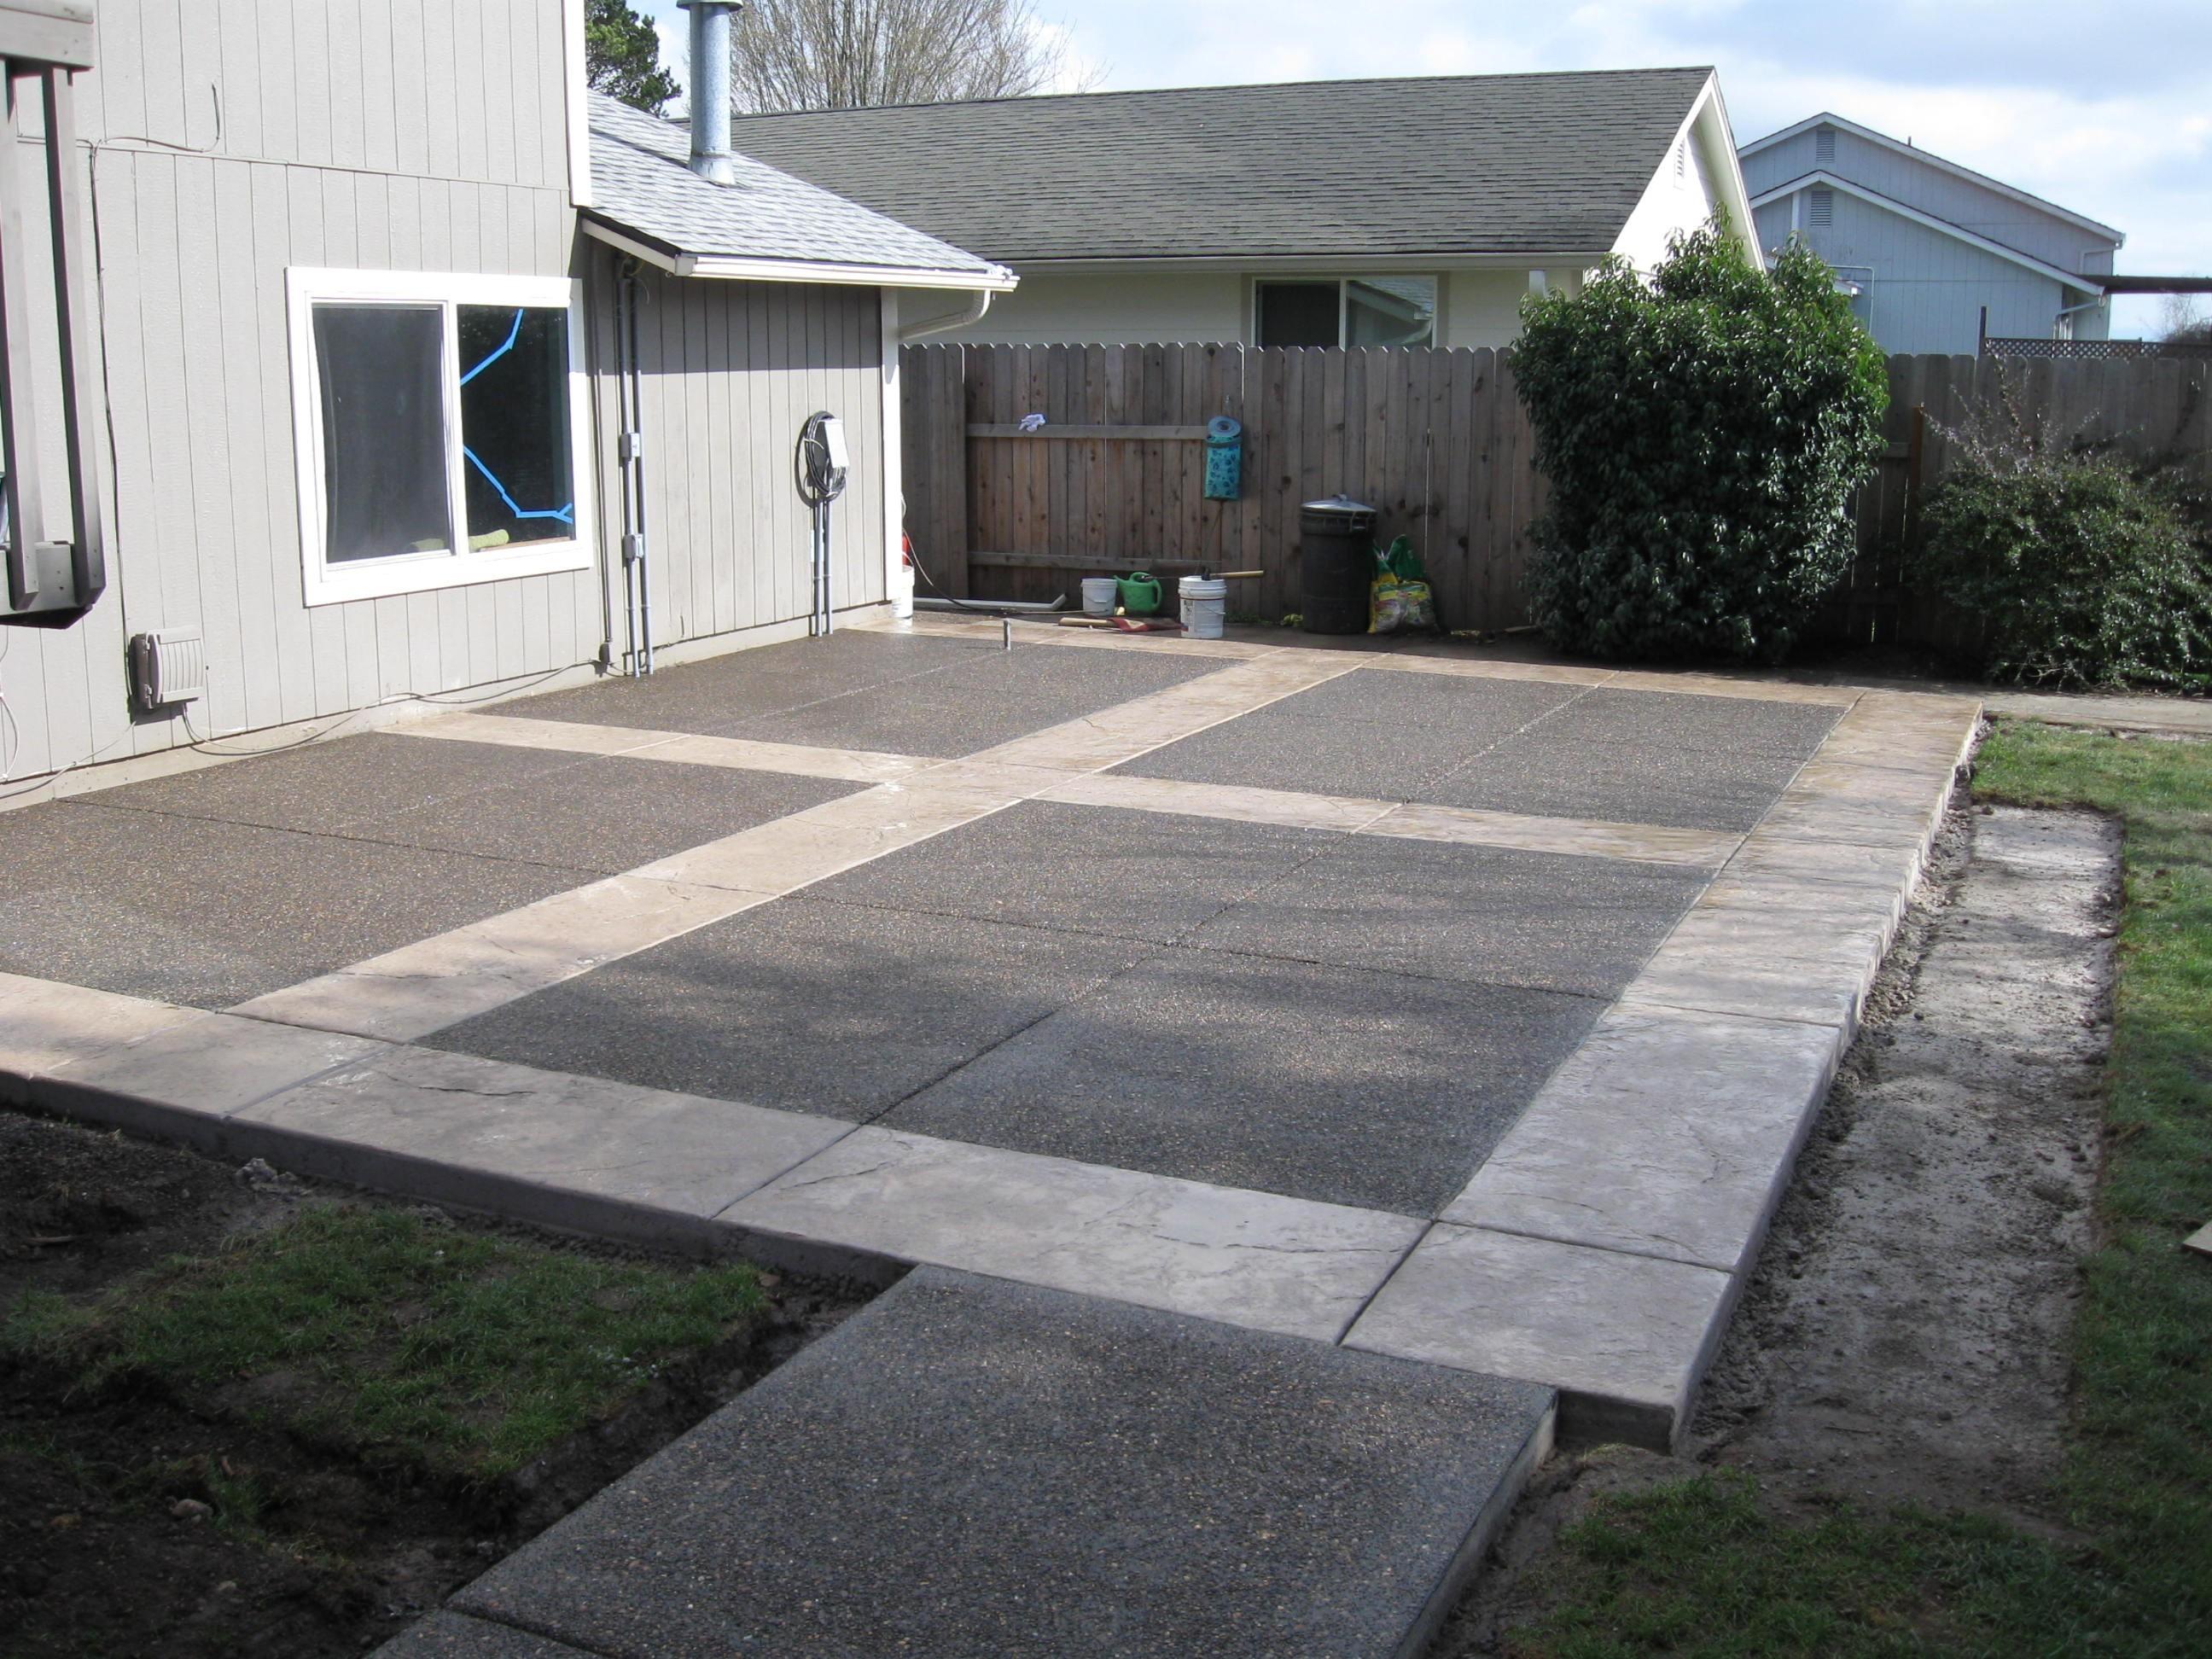 14.Simphome.com concrete patio ideas for small backyards